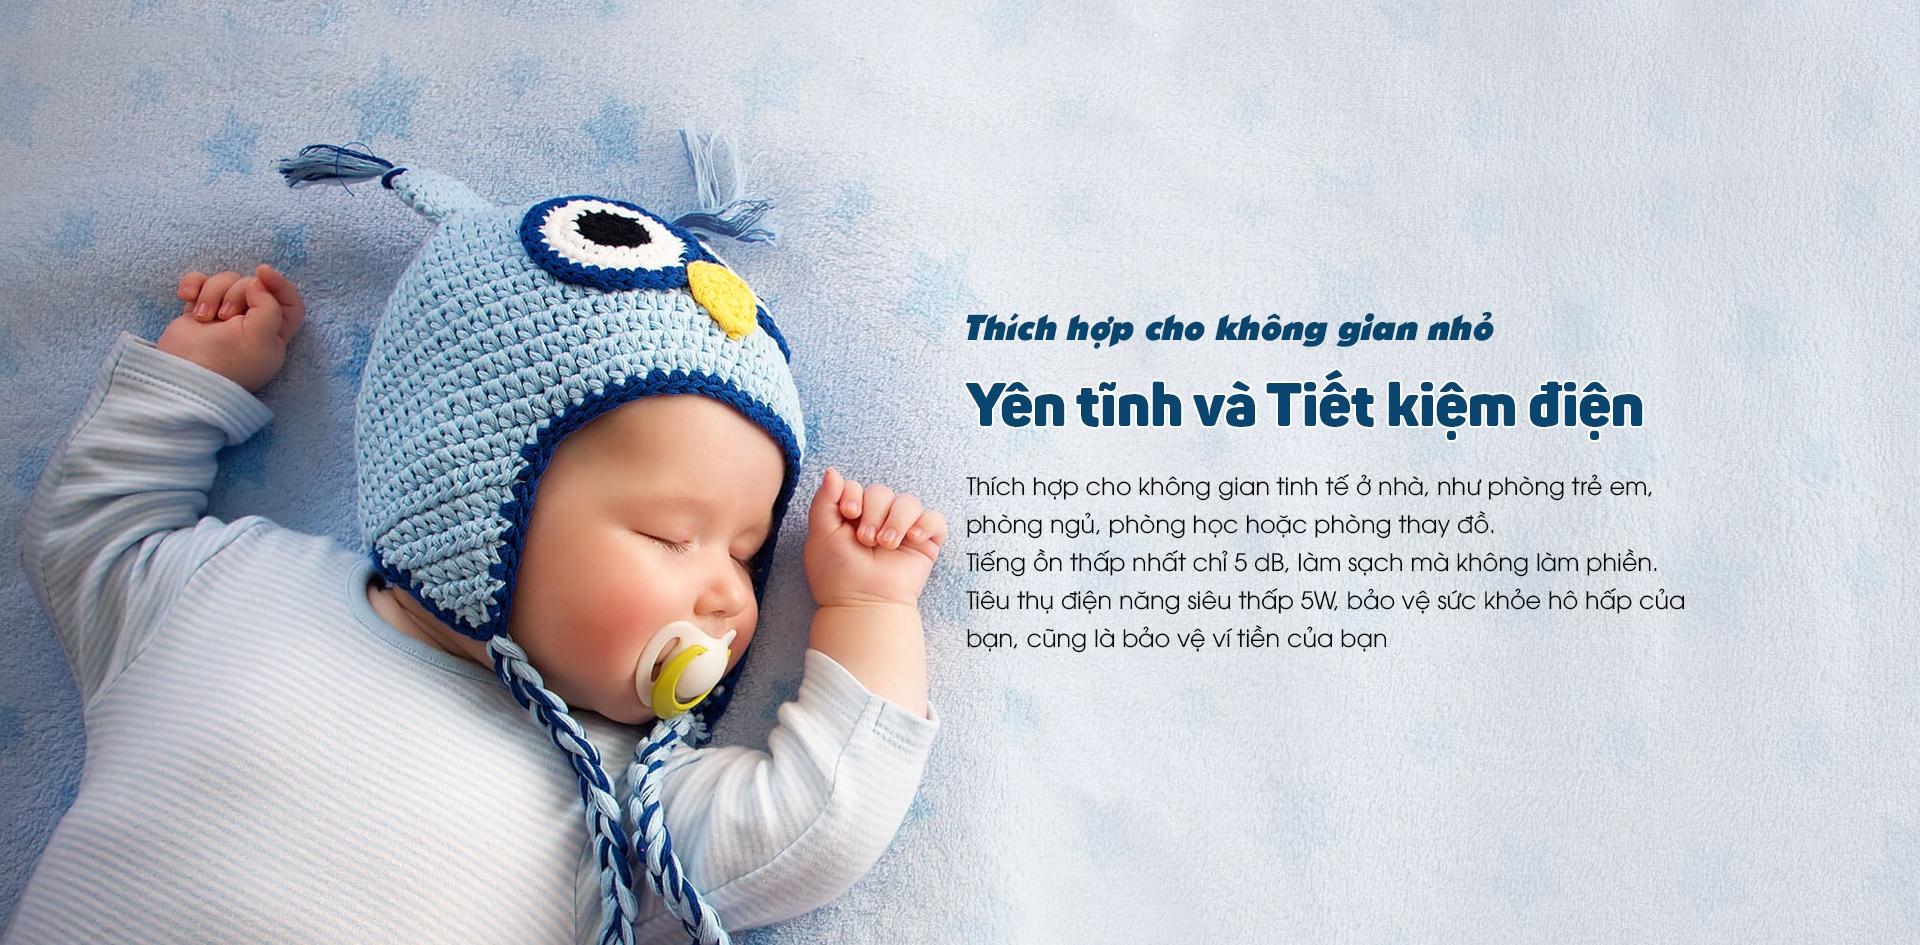 máy lọc không khí cho trẻ sơ sinh